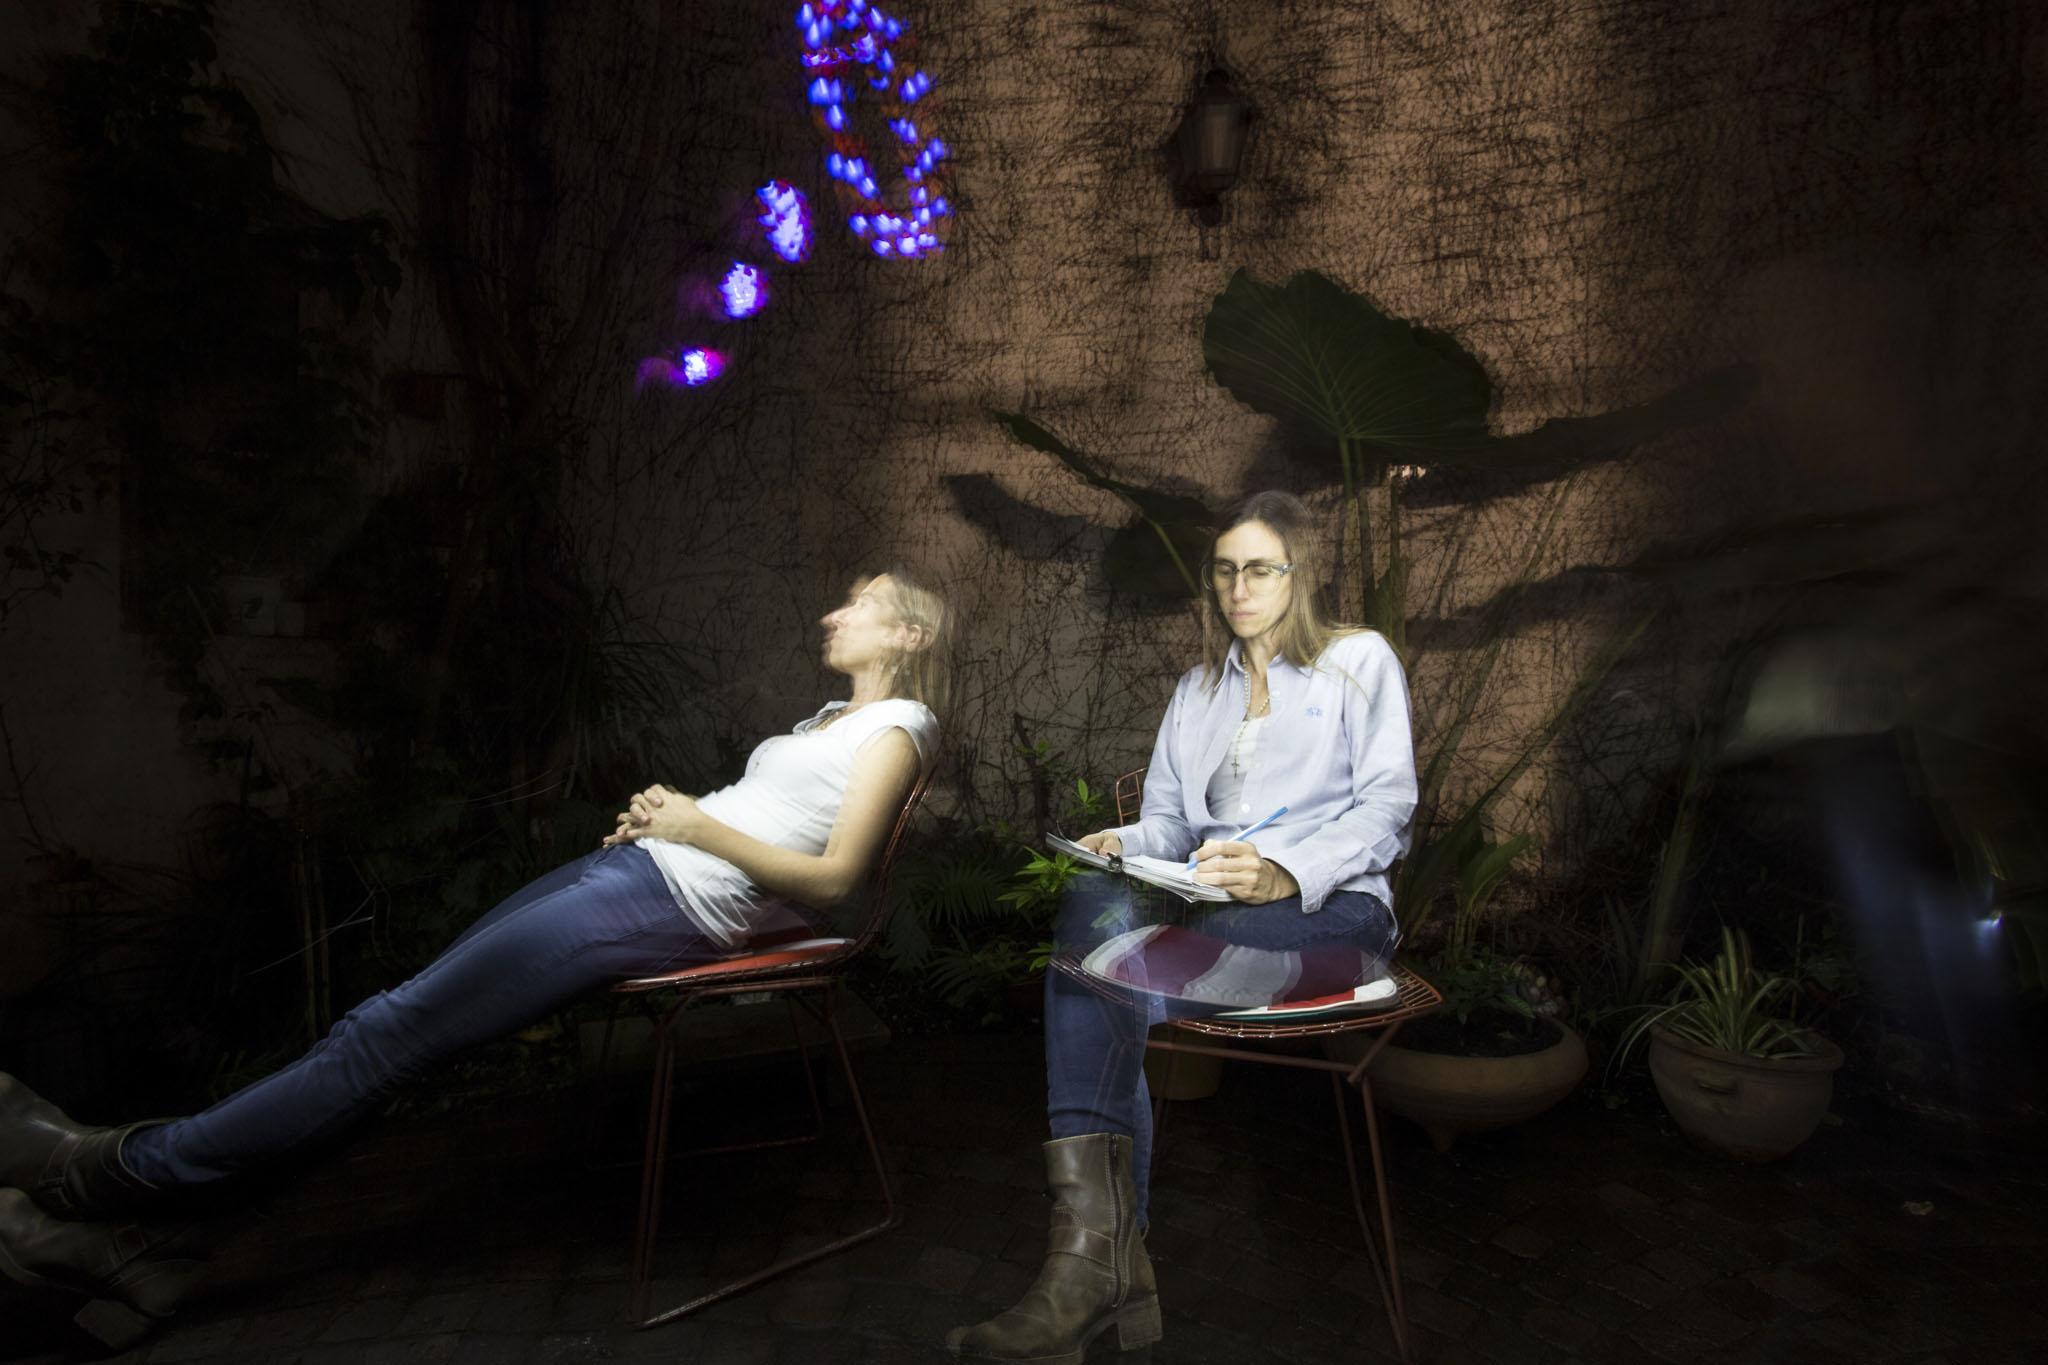 Florencia Marciano,  Experiencia nocturna, Fotografía Digital.